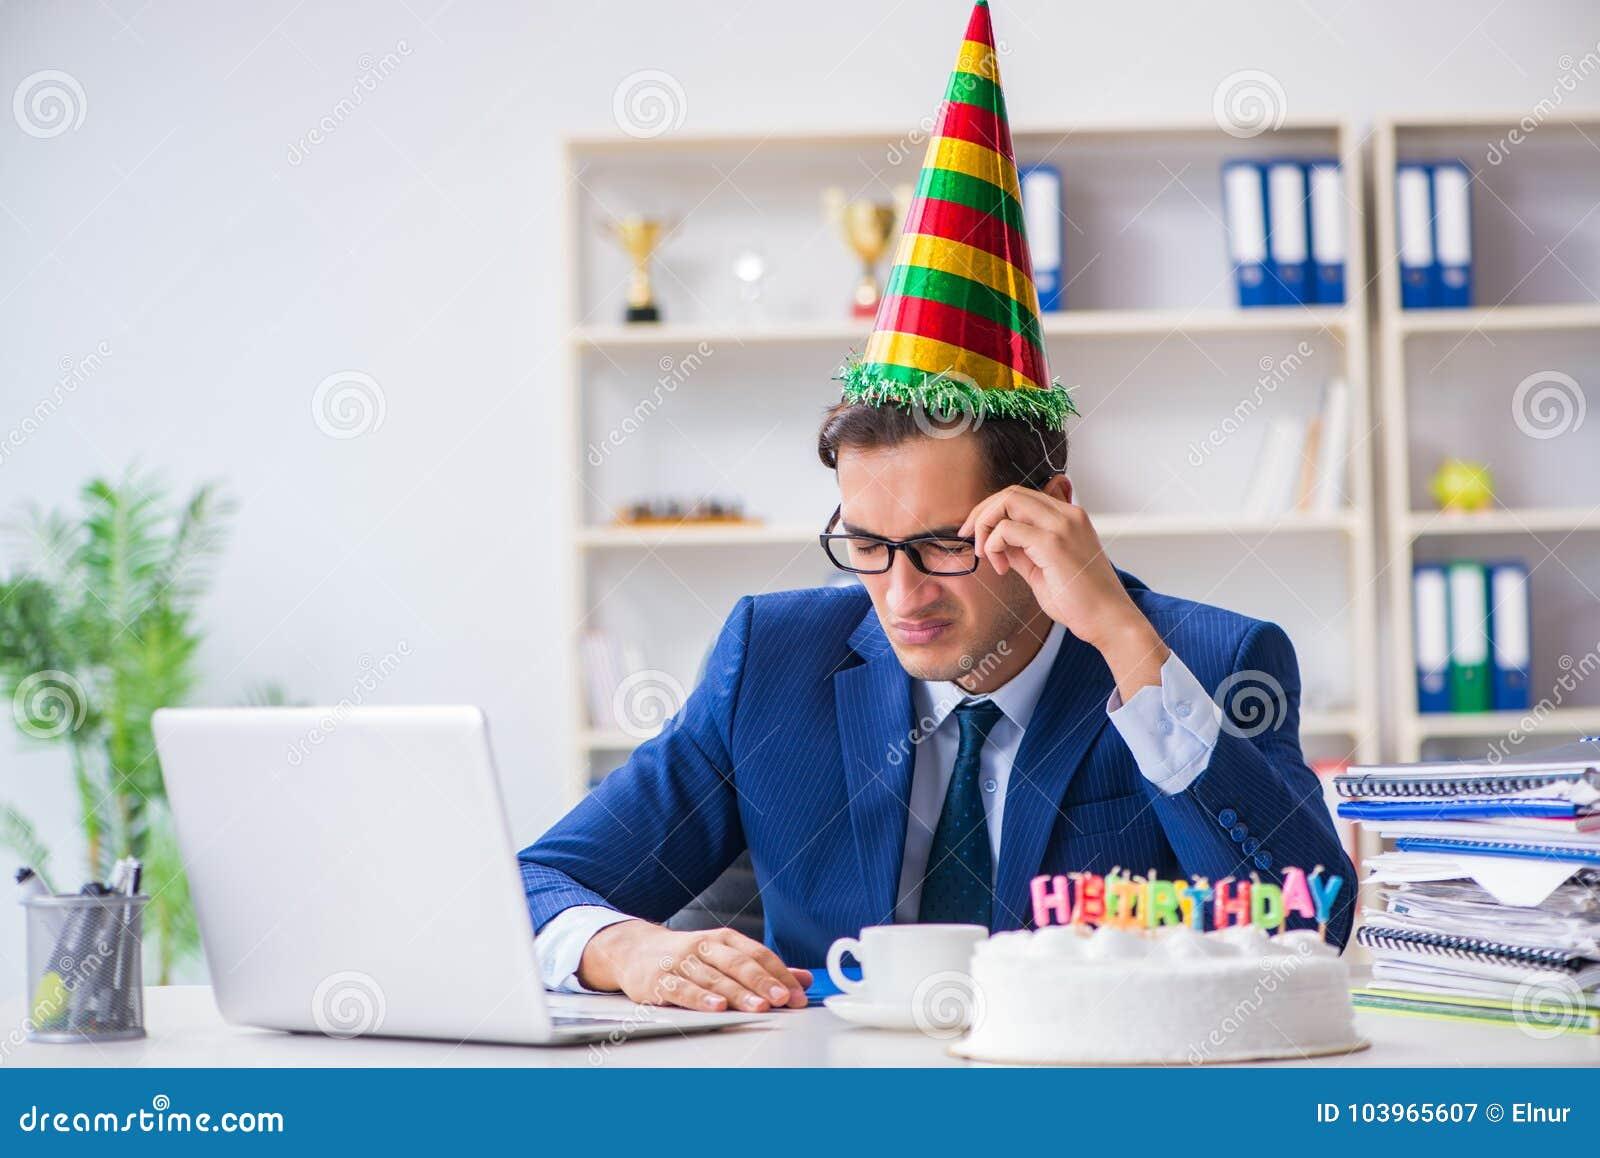 El Hombre Que Celebra Cumpleanos En La Oficina Imagen De Archivo